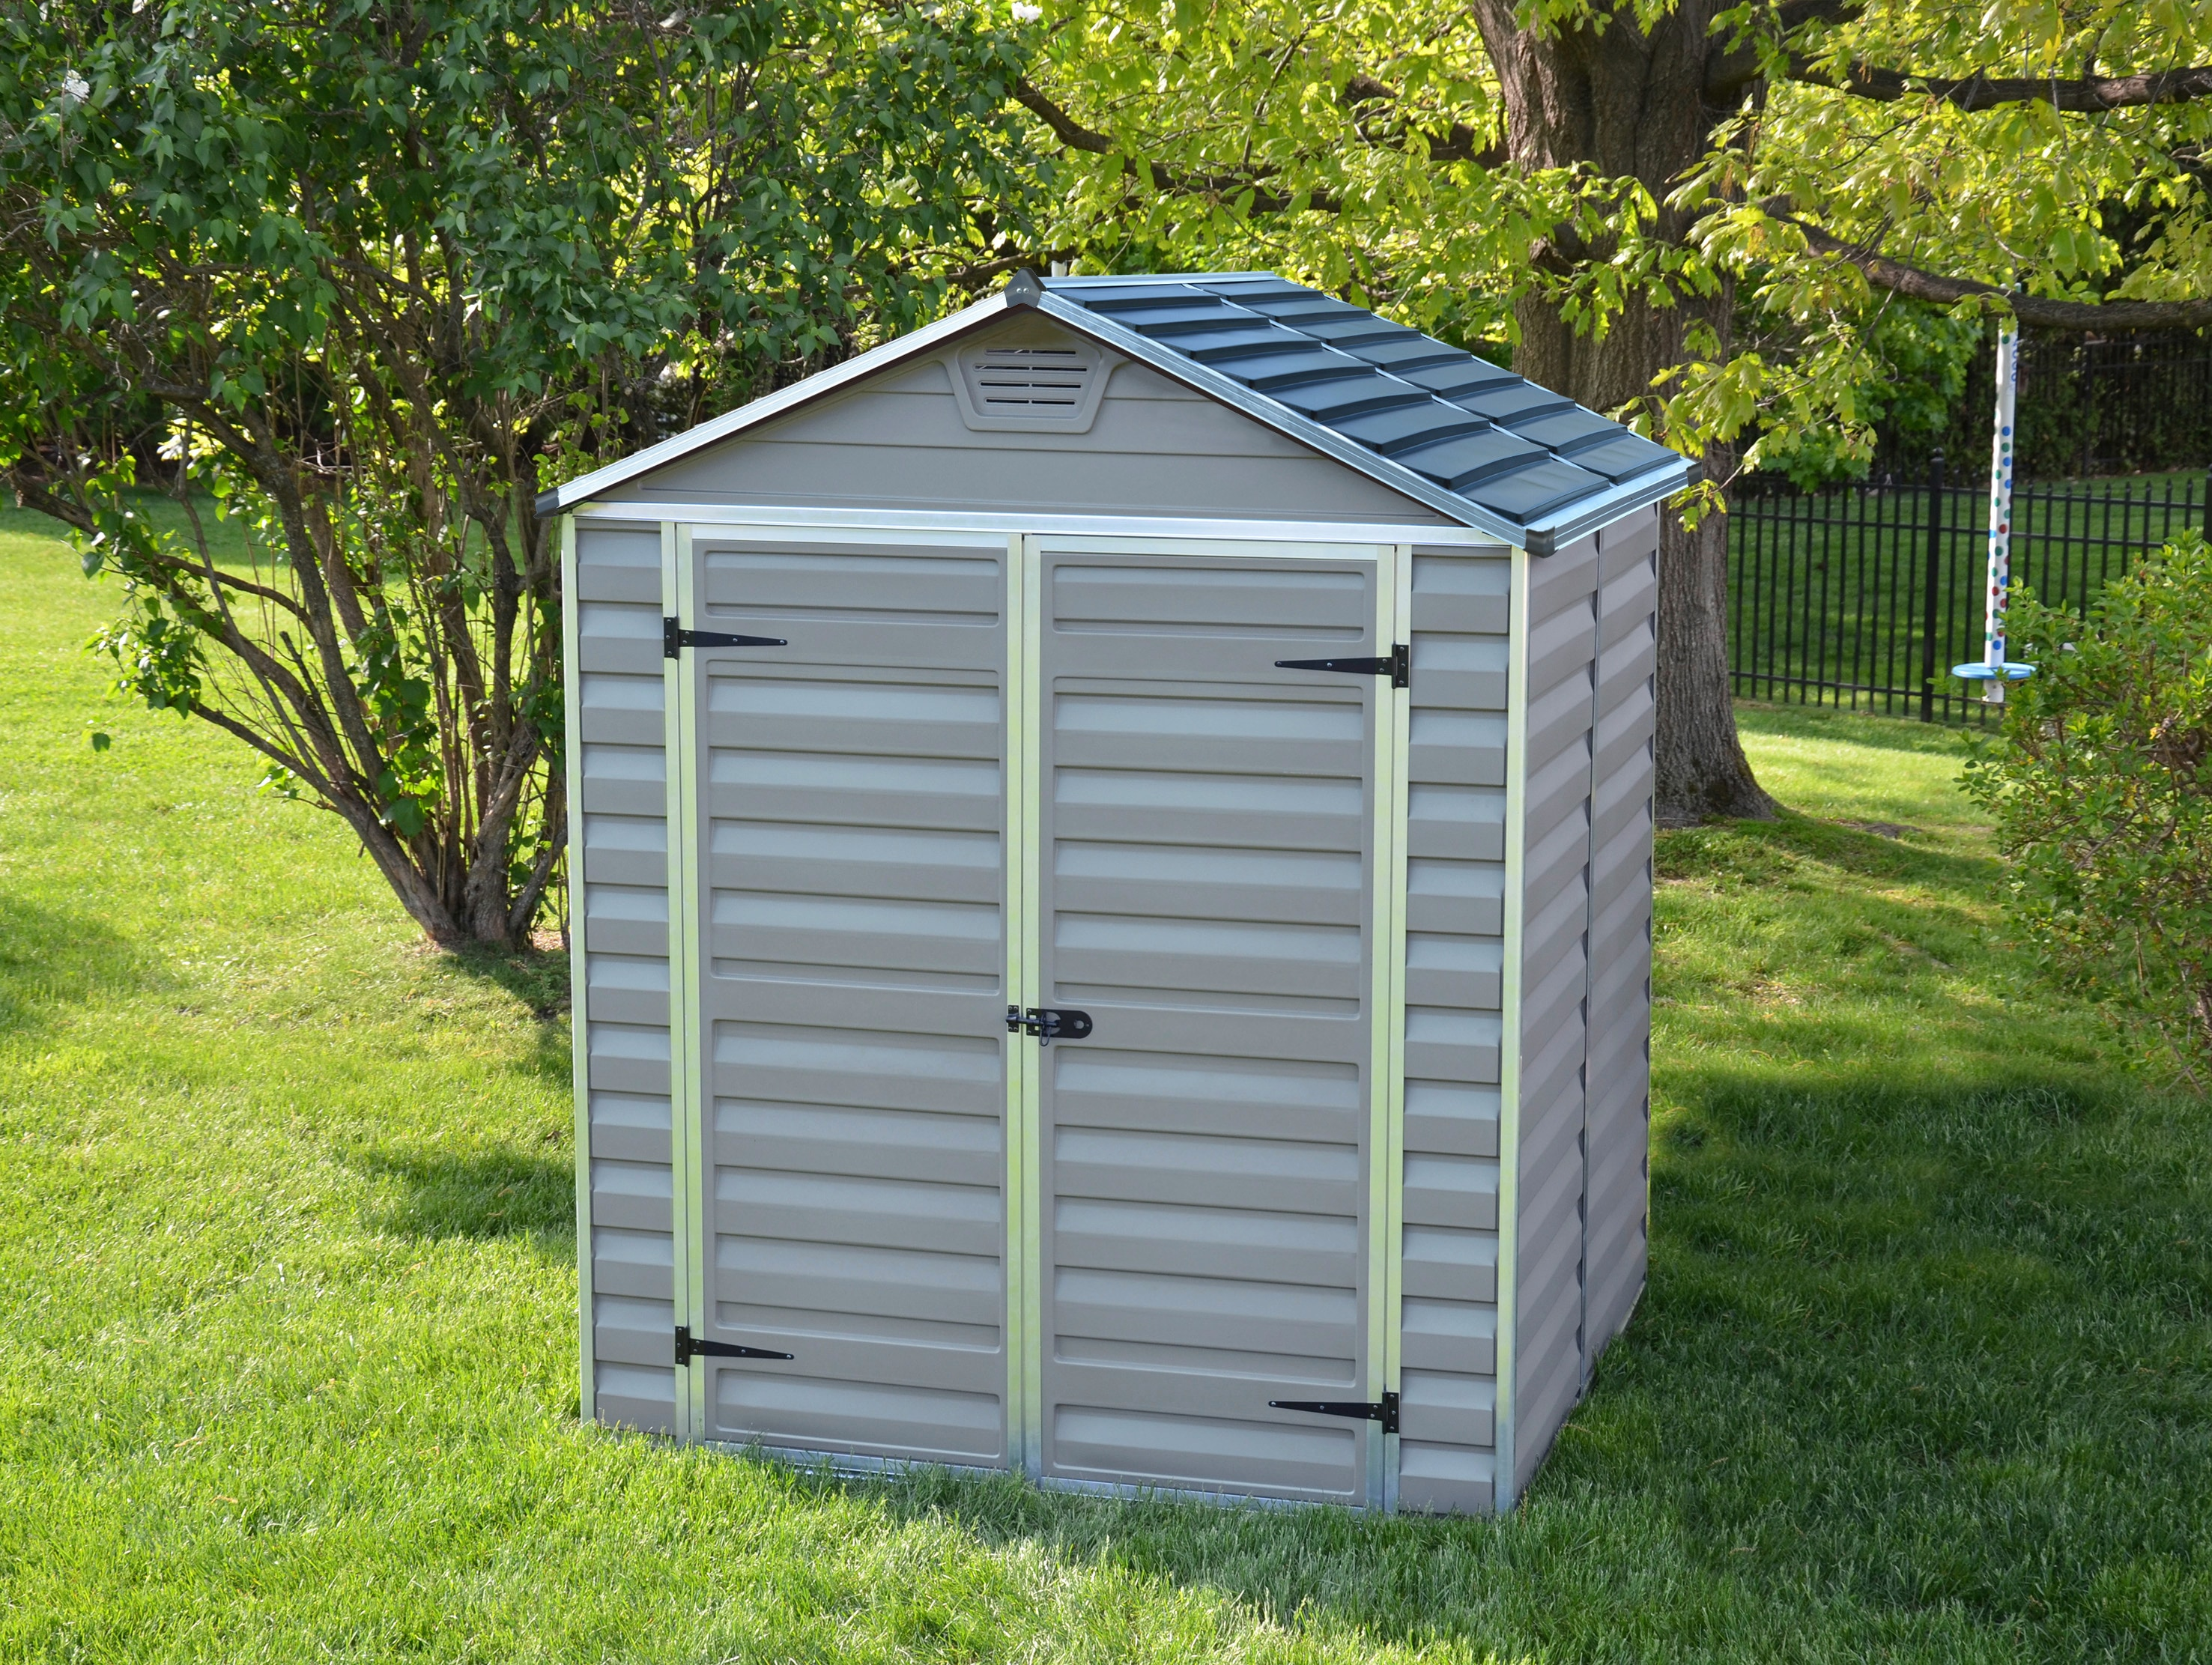 Palram Gerätehaus Skylight 6x5 silberfarben Geräteschuppen -schränke Garten Balkon